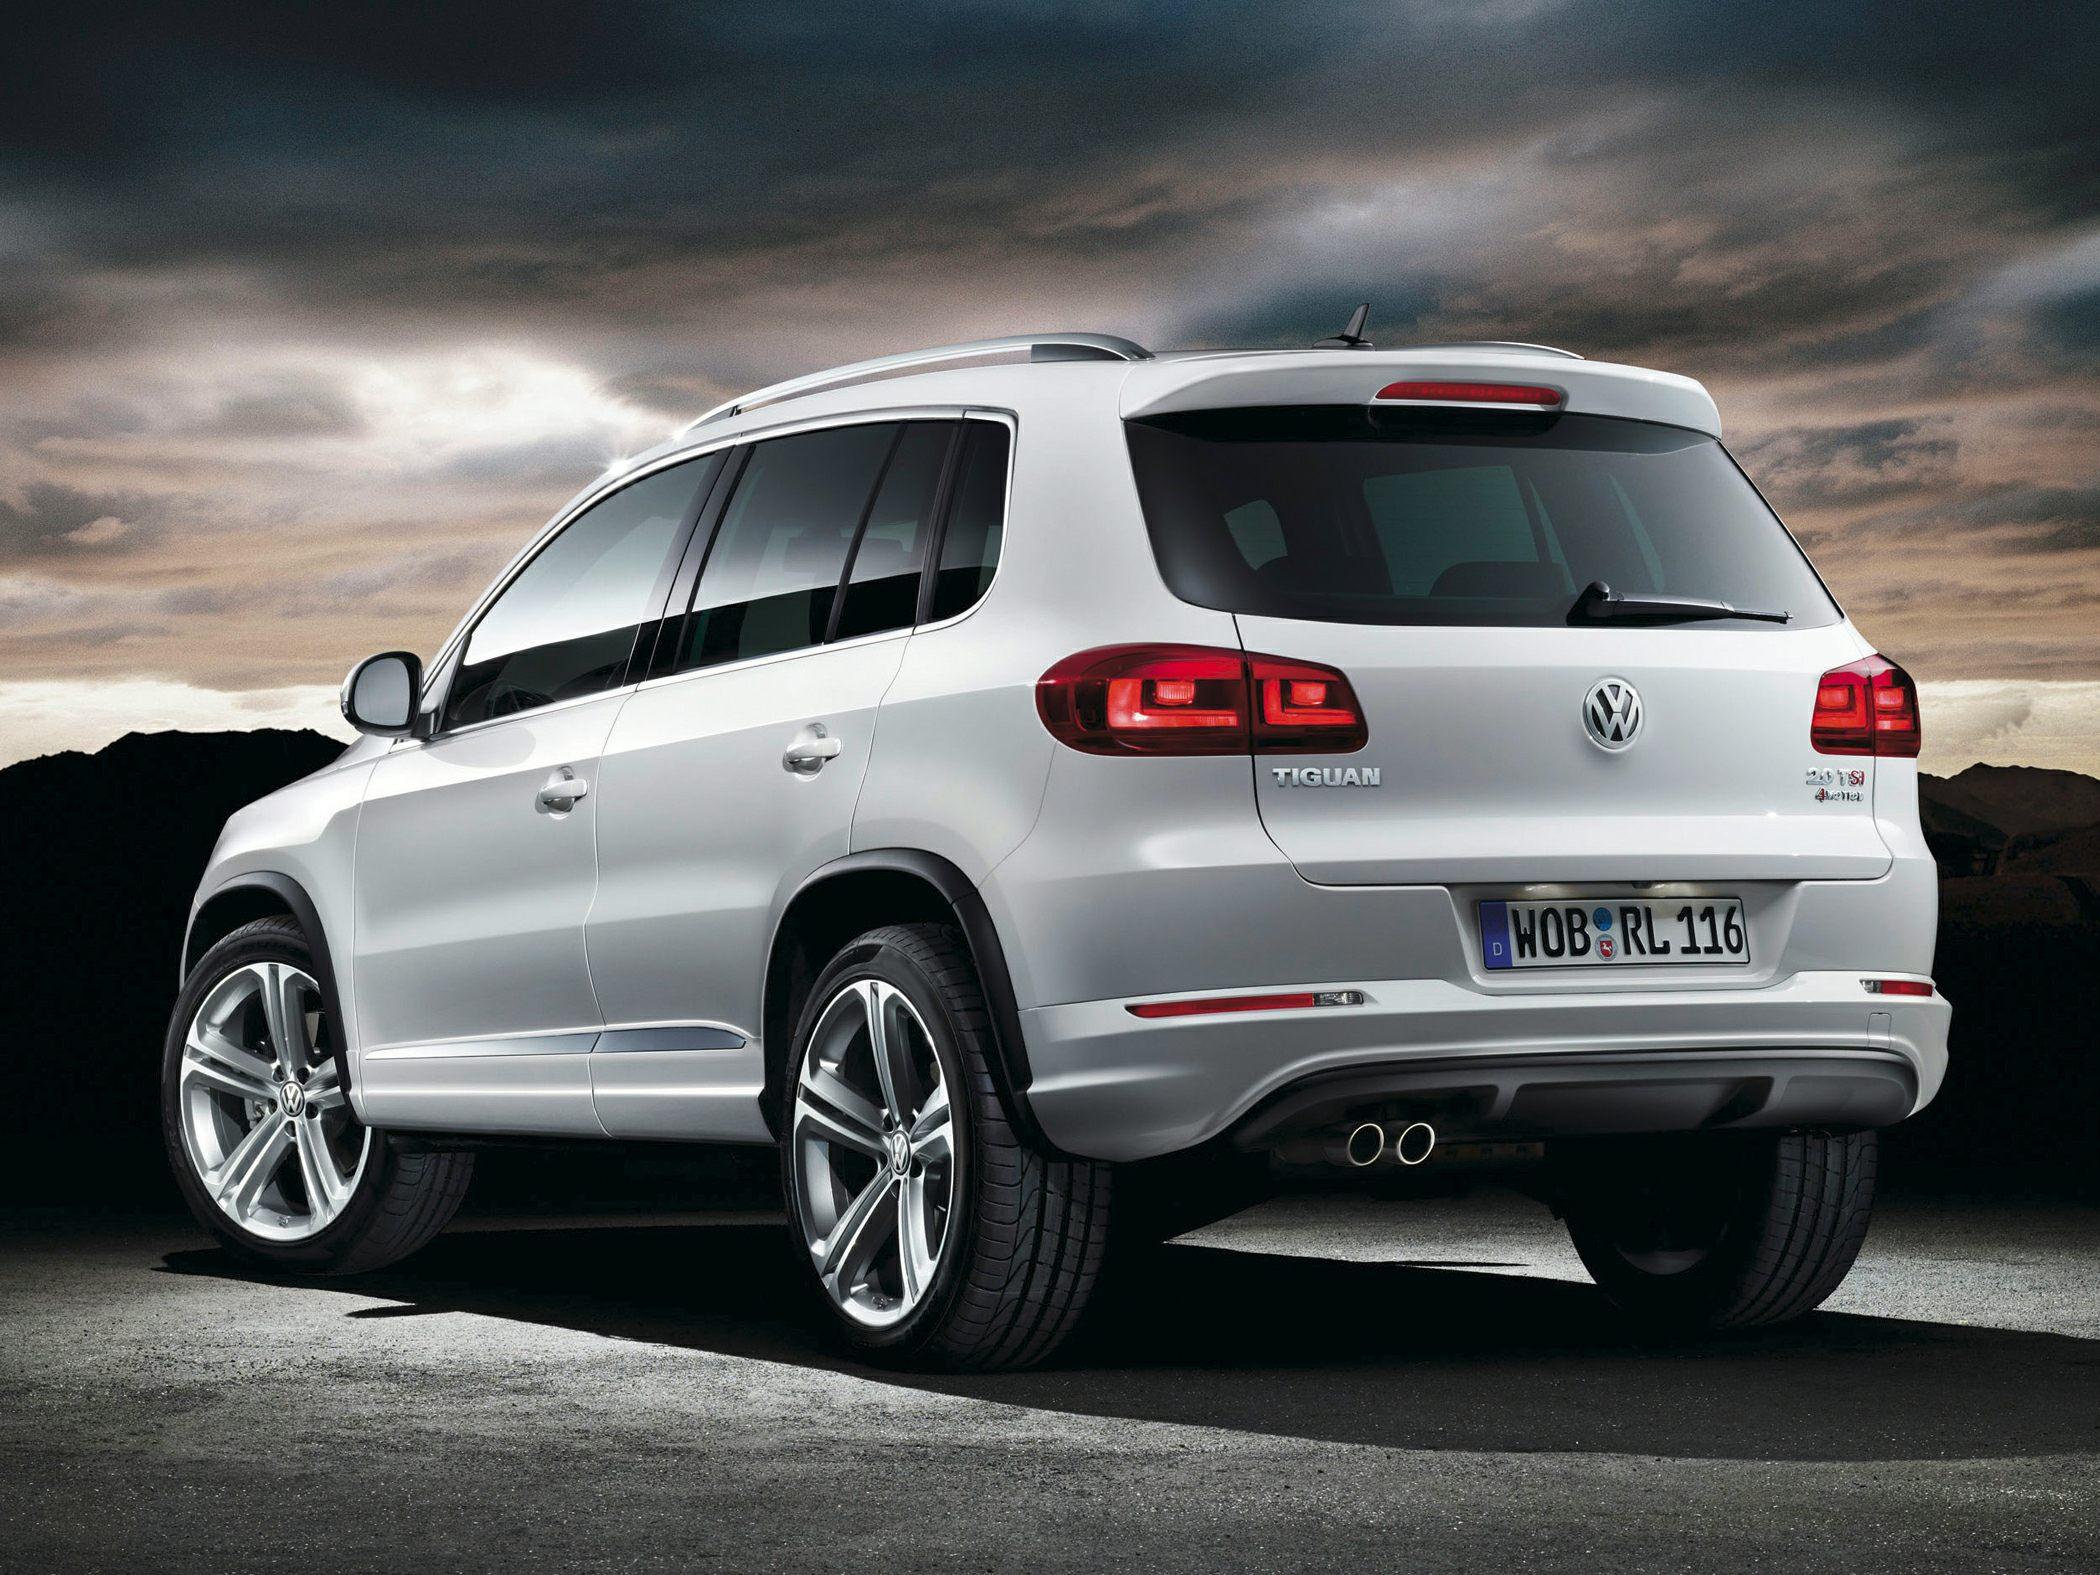 2015 Volkswagen Tiguan Rear